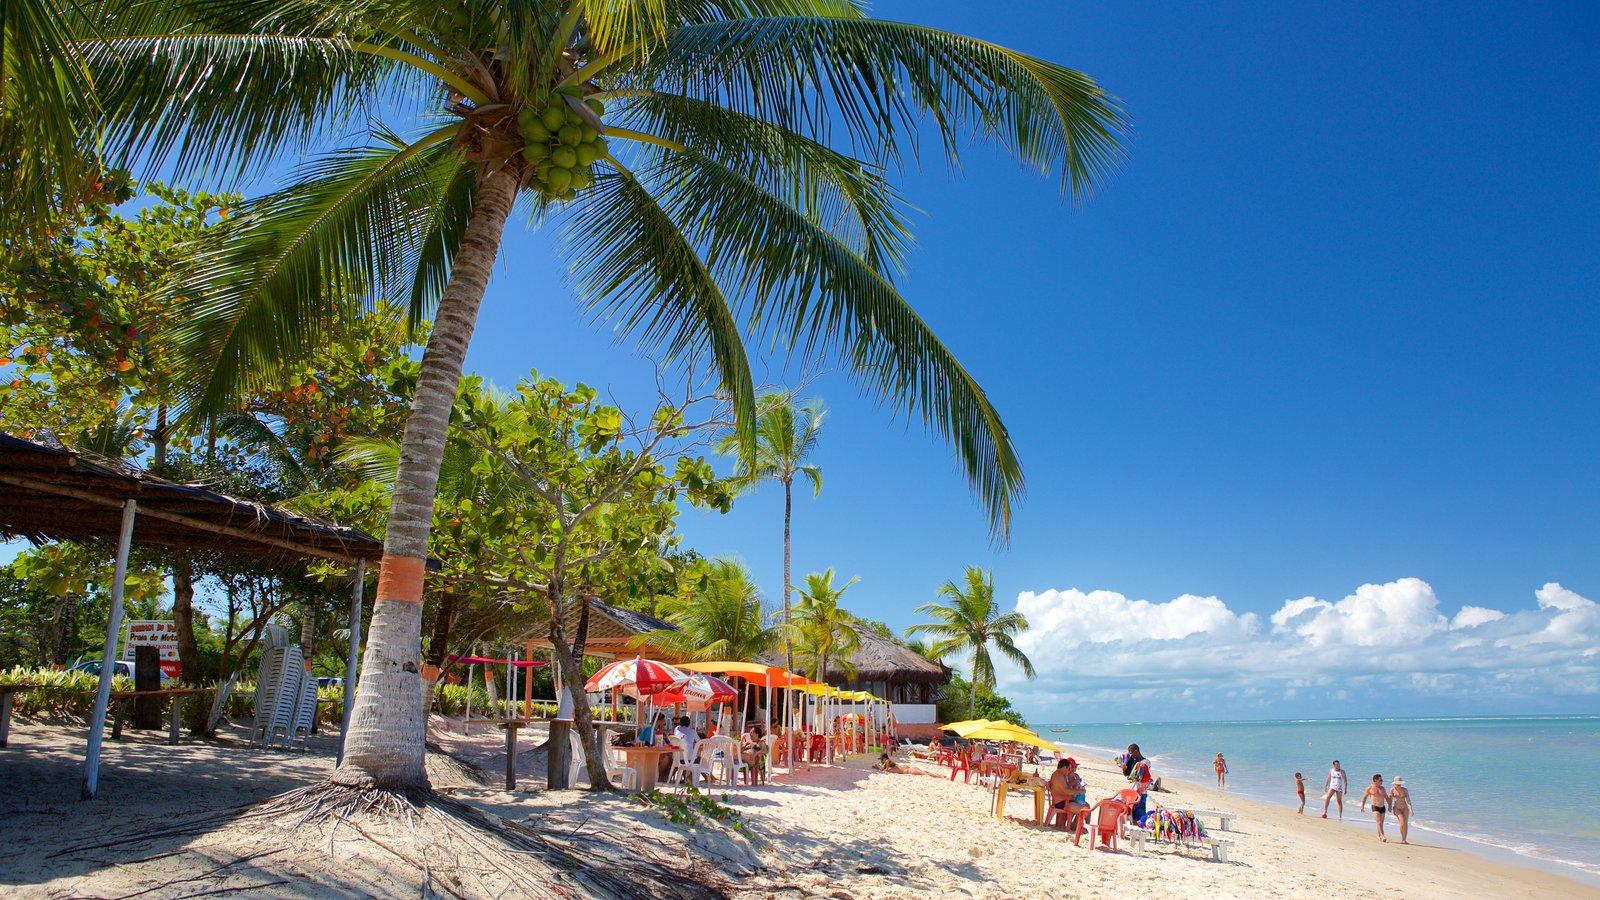 Praia do Mutá mostrando uma praia de areia, paisagens litorâneas e cenas tropicais